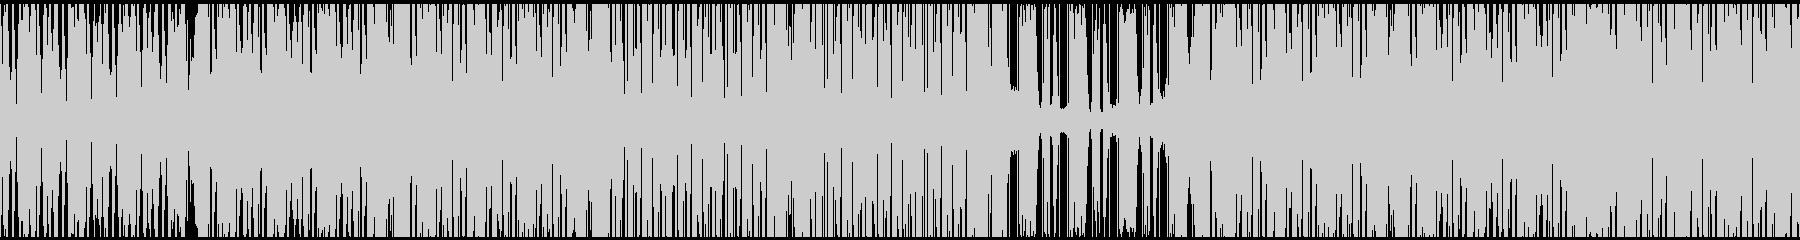 ノリの良いベースとビートの四つ打ちテクノの未再生の波形